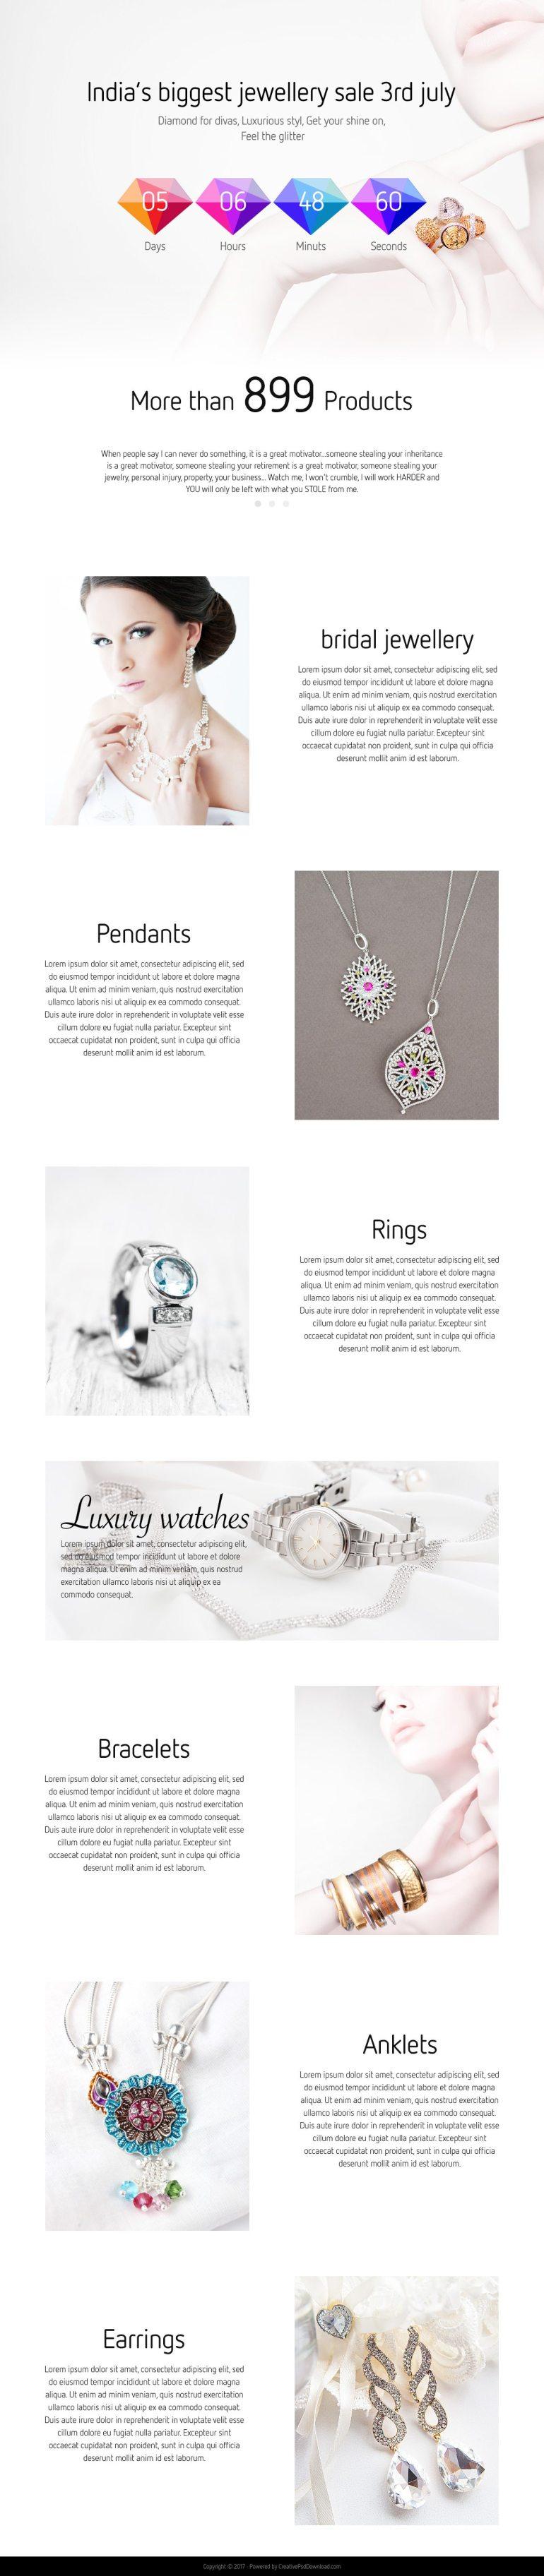 Multipurpose-Promotional-landing-page